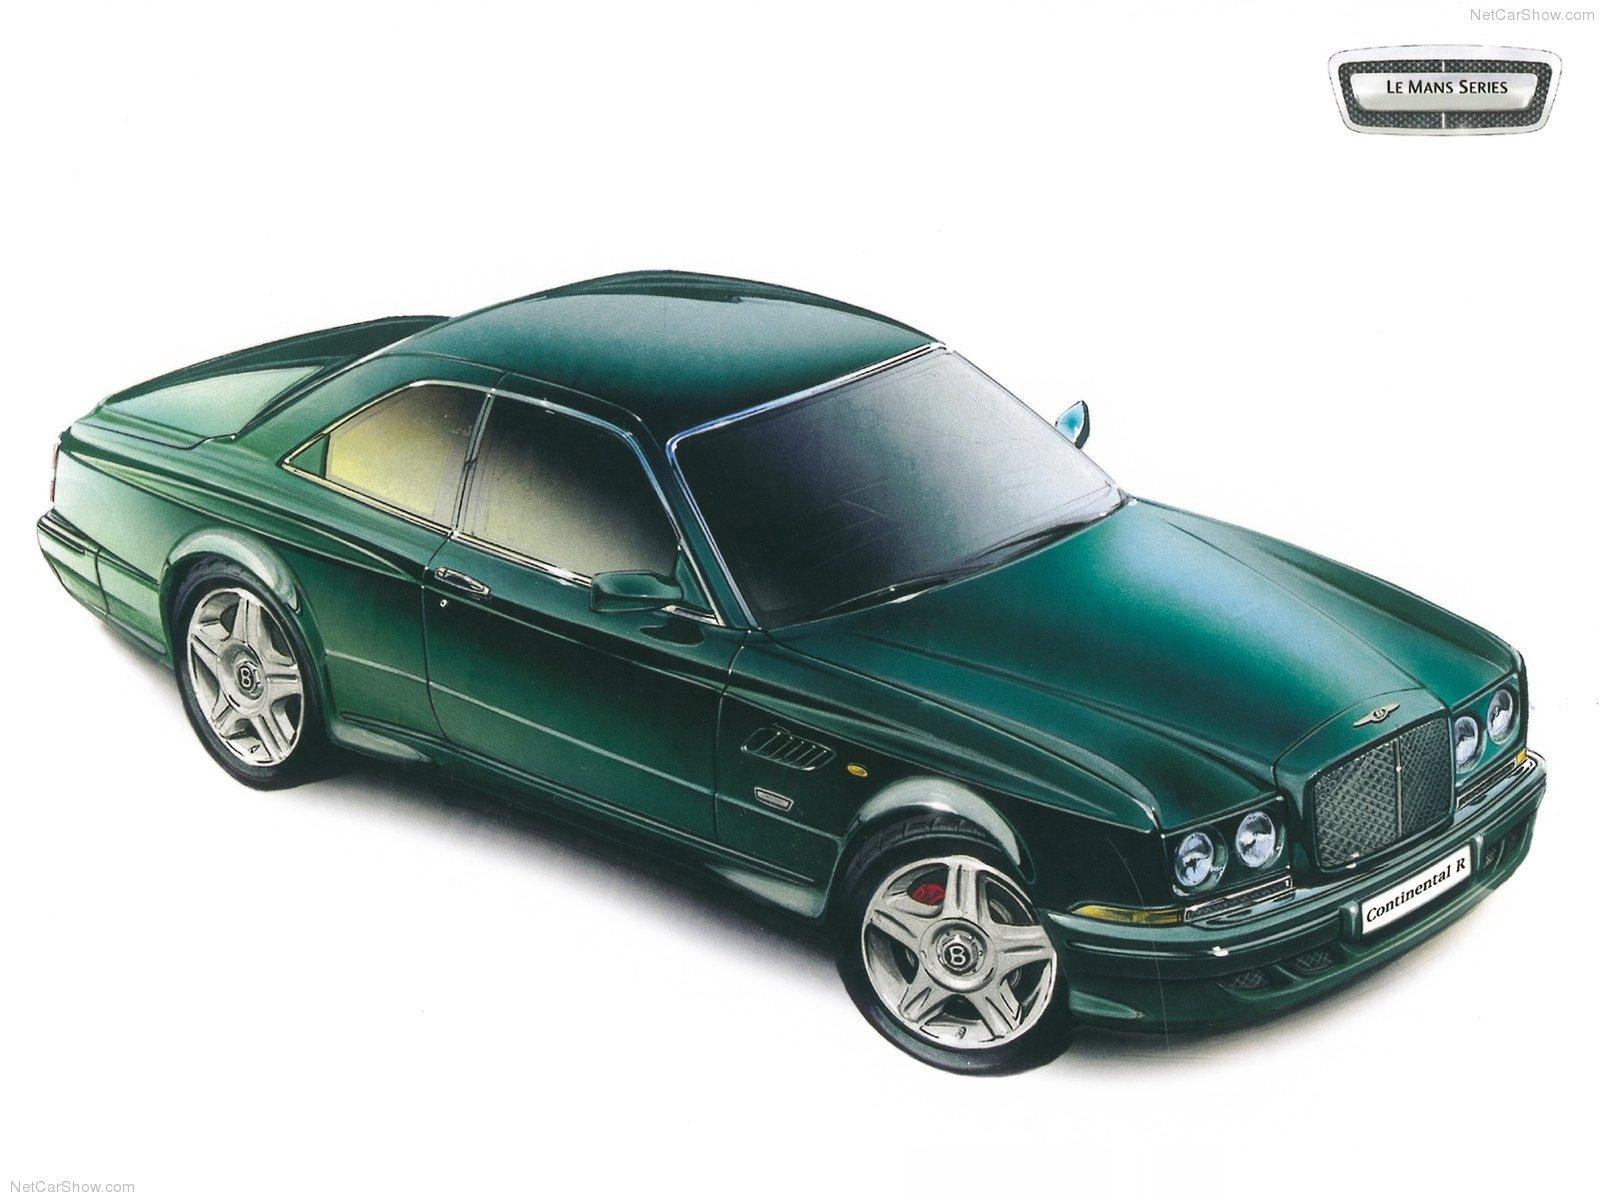 Hình ảnh xe ô tô Bentley Continental R 2003 & nội ngoại thất